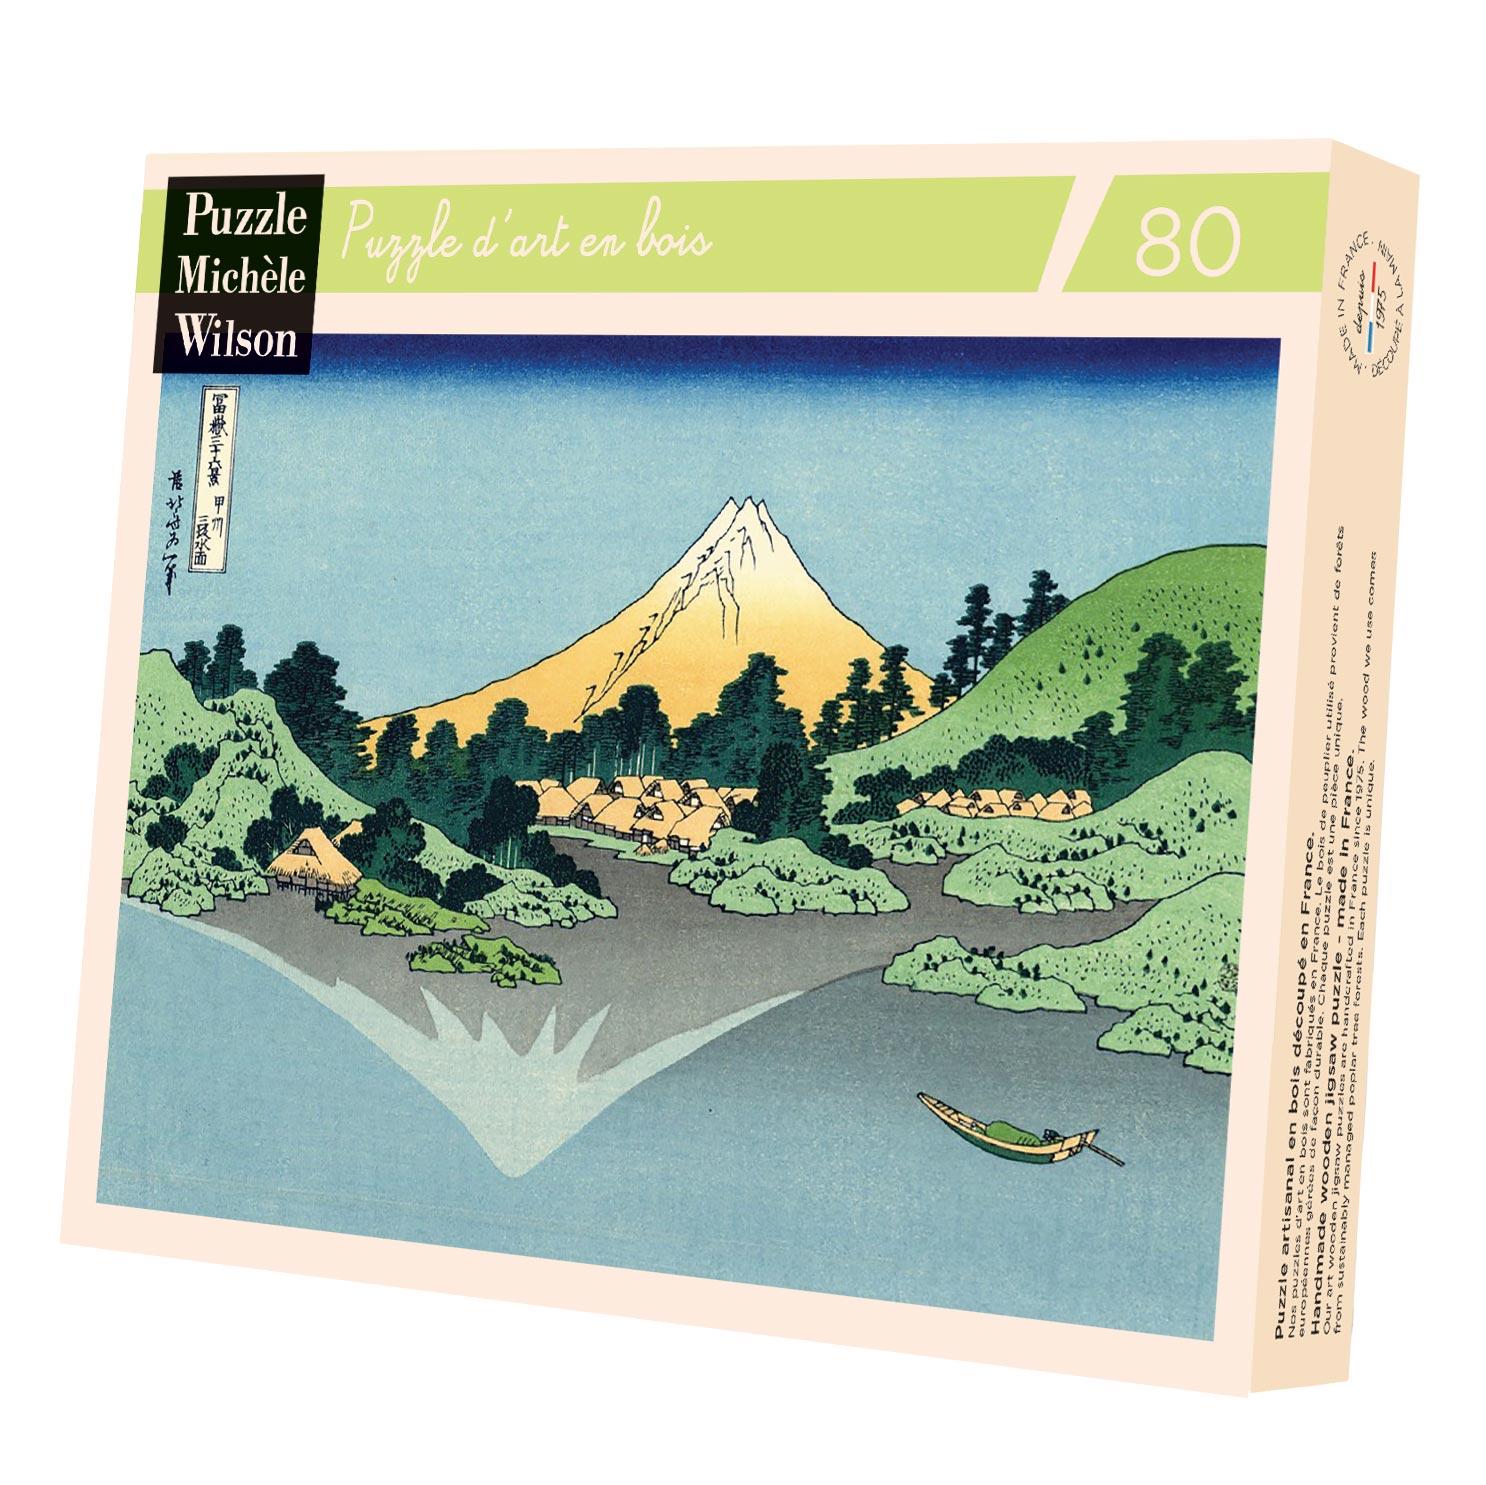 Michèle Wilson - Puzzle Michèle Wilson - Reflet Du Mont Fuji 80 Pièces